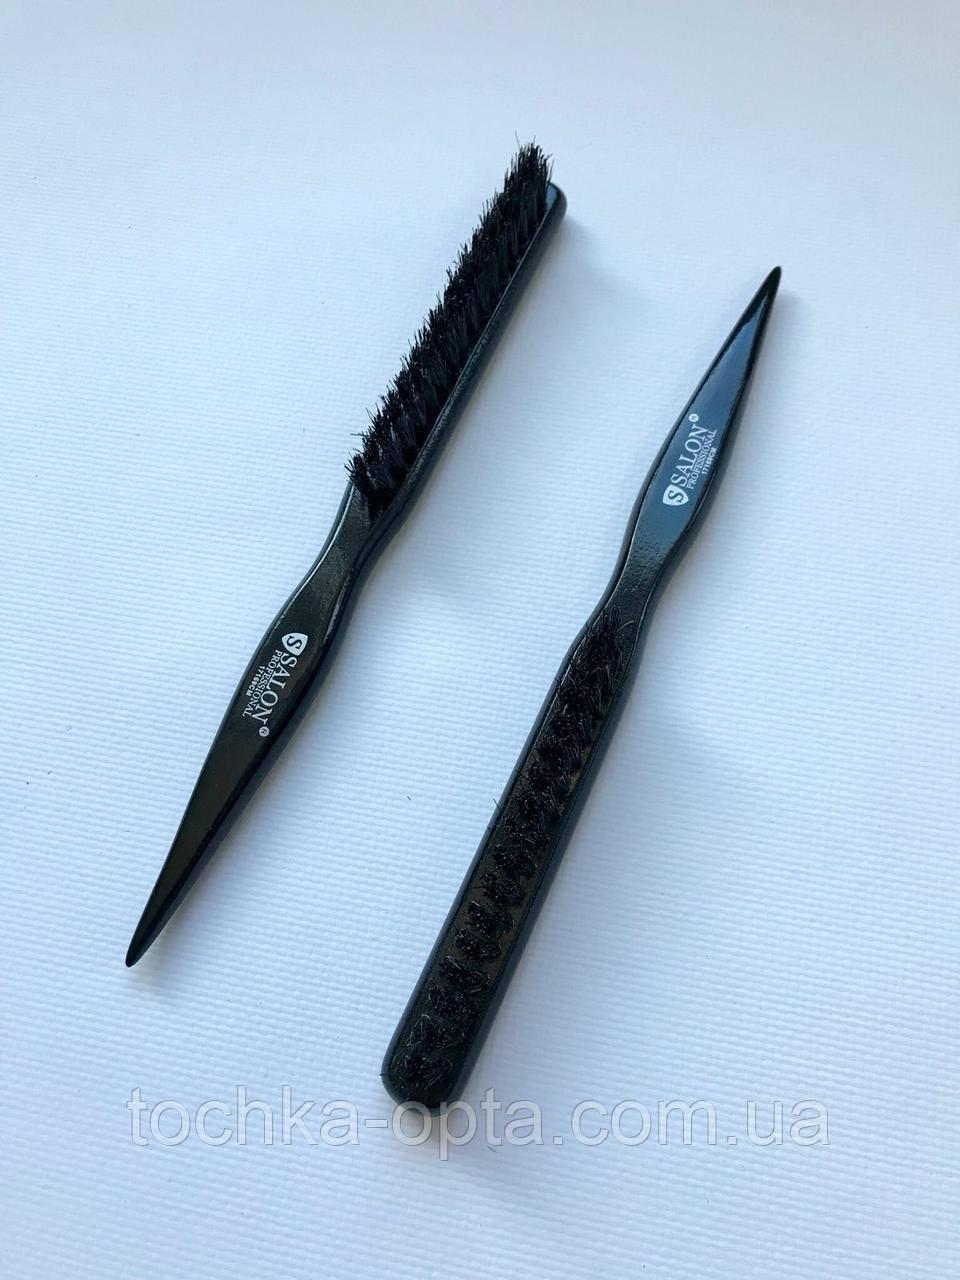 Расческа SALON PROFESSIONAL для начёса волос,трёхрядка из натуральной щетины